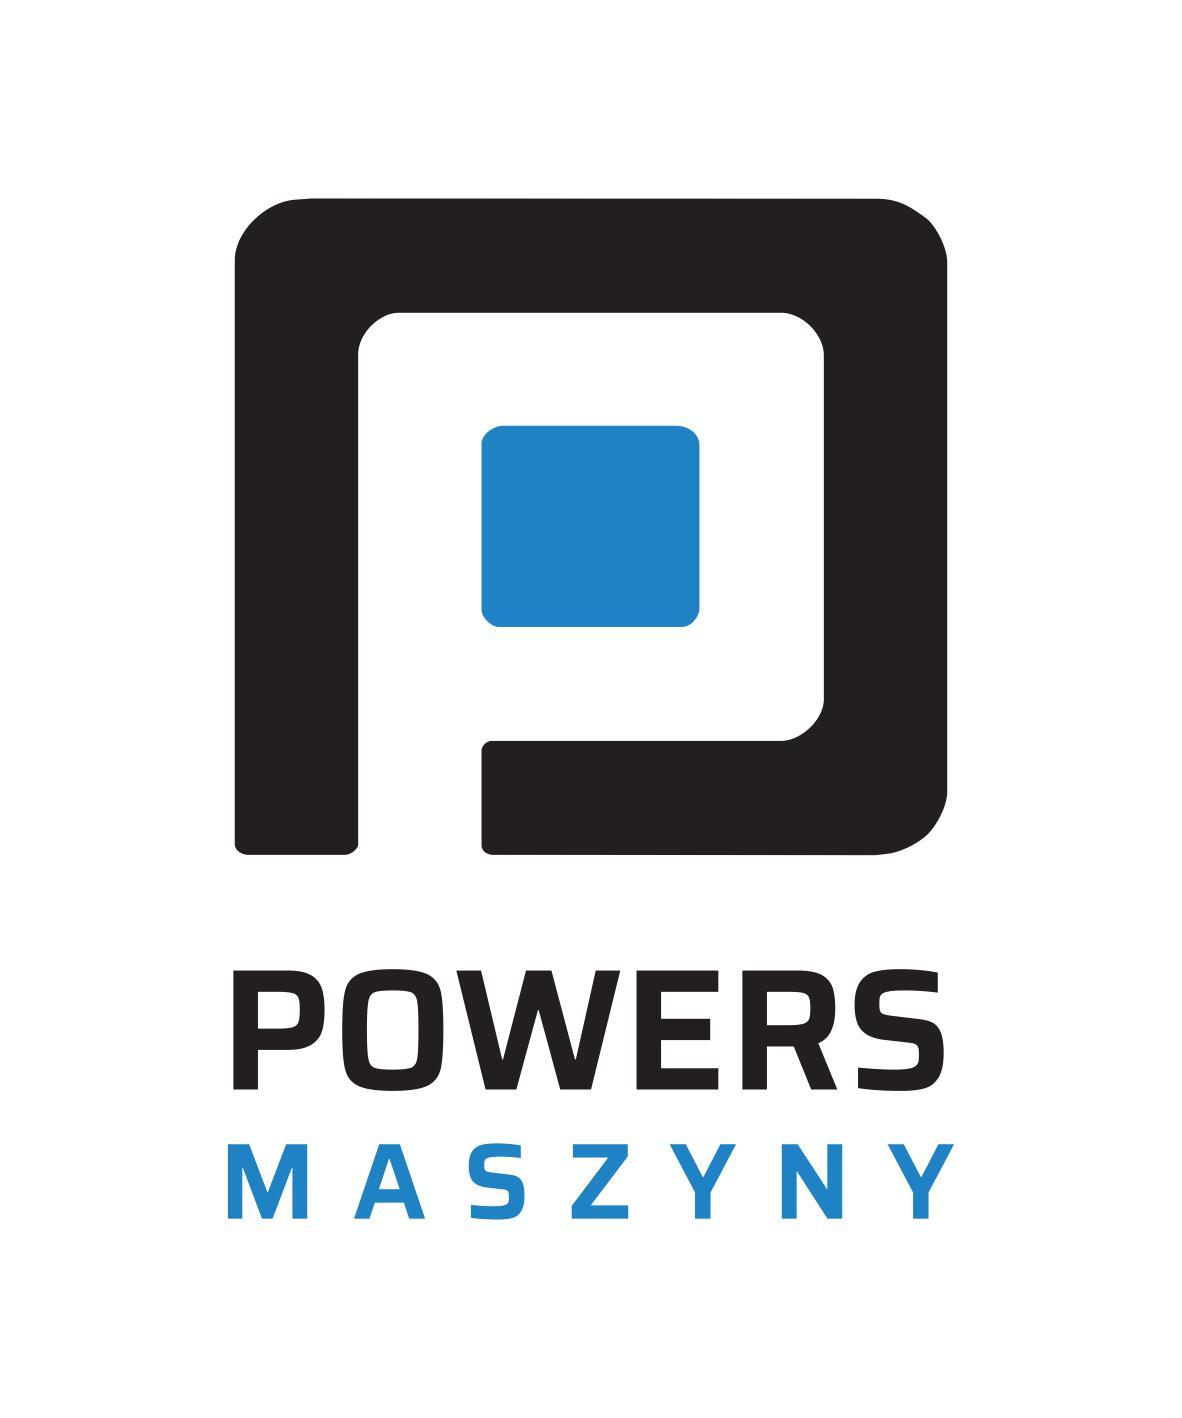 Powers Maszyny